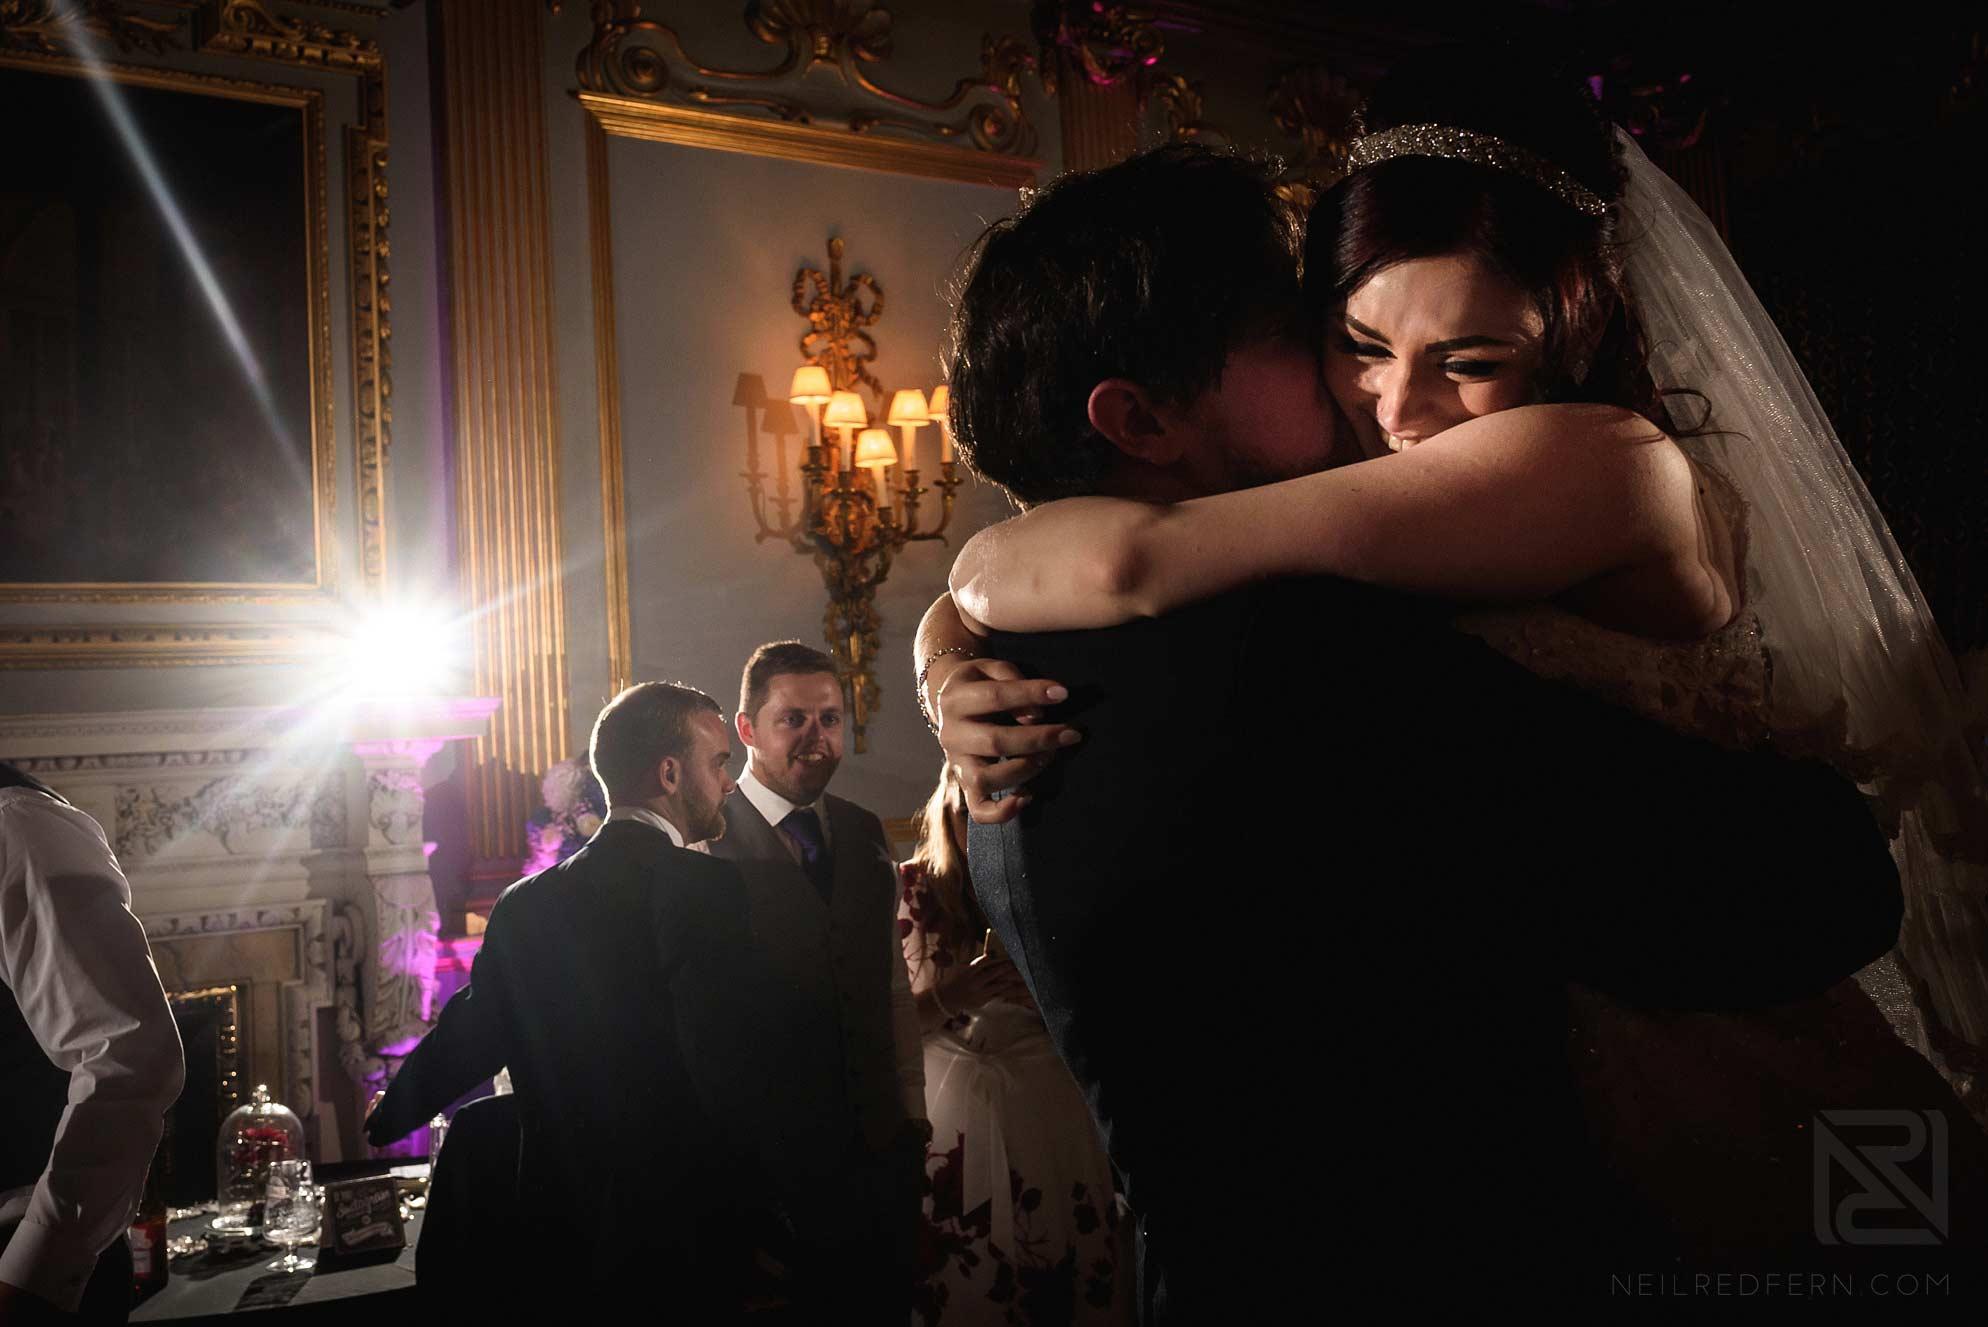 bride hugging groom on dancefloor